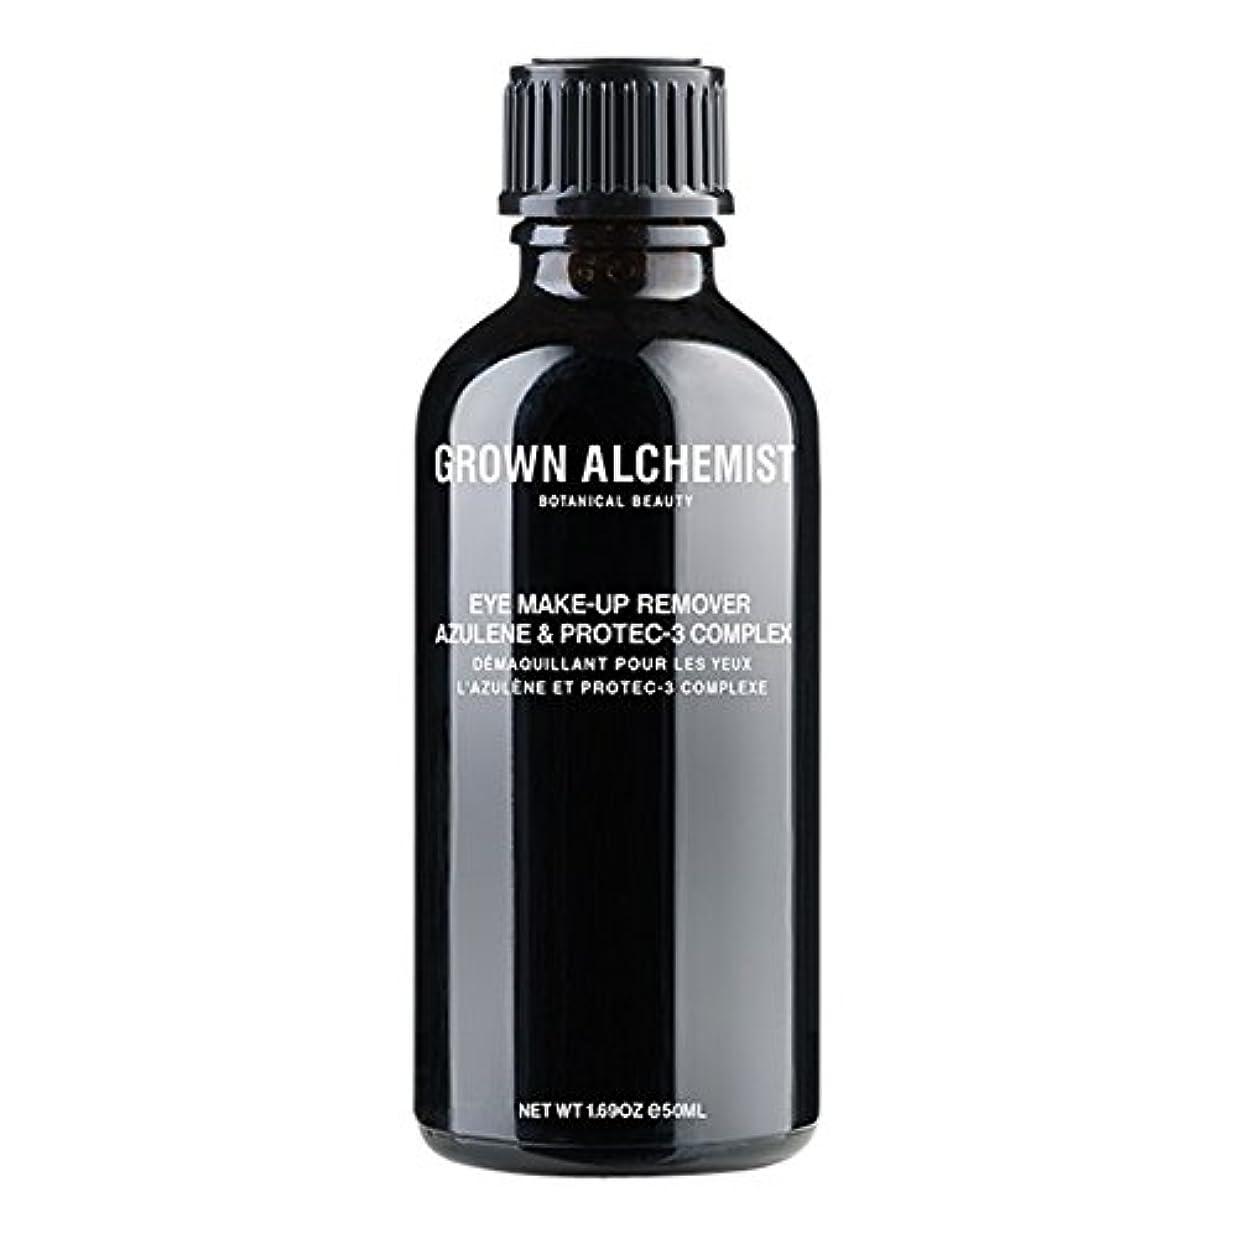 艶予感ファンネルウェブスパイダー成長した錬金術師アズレン&Protec-3アイメイクアップリムーバーの50ミリリットル (Grown Alchemist) (x2) - Grown Alchemist Azulene & Protec-3 Eye-Makeup...